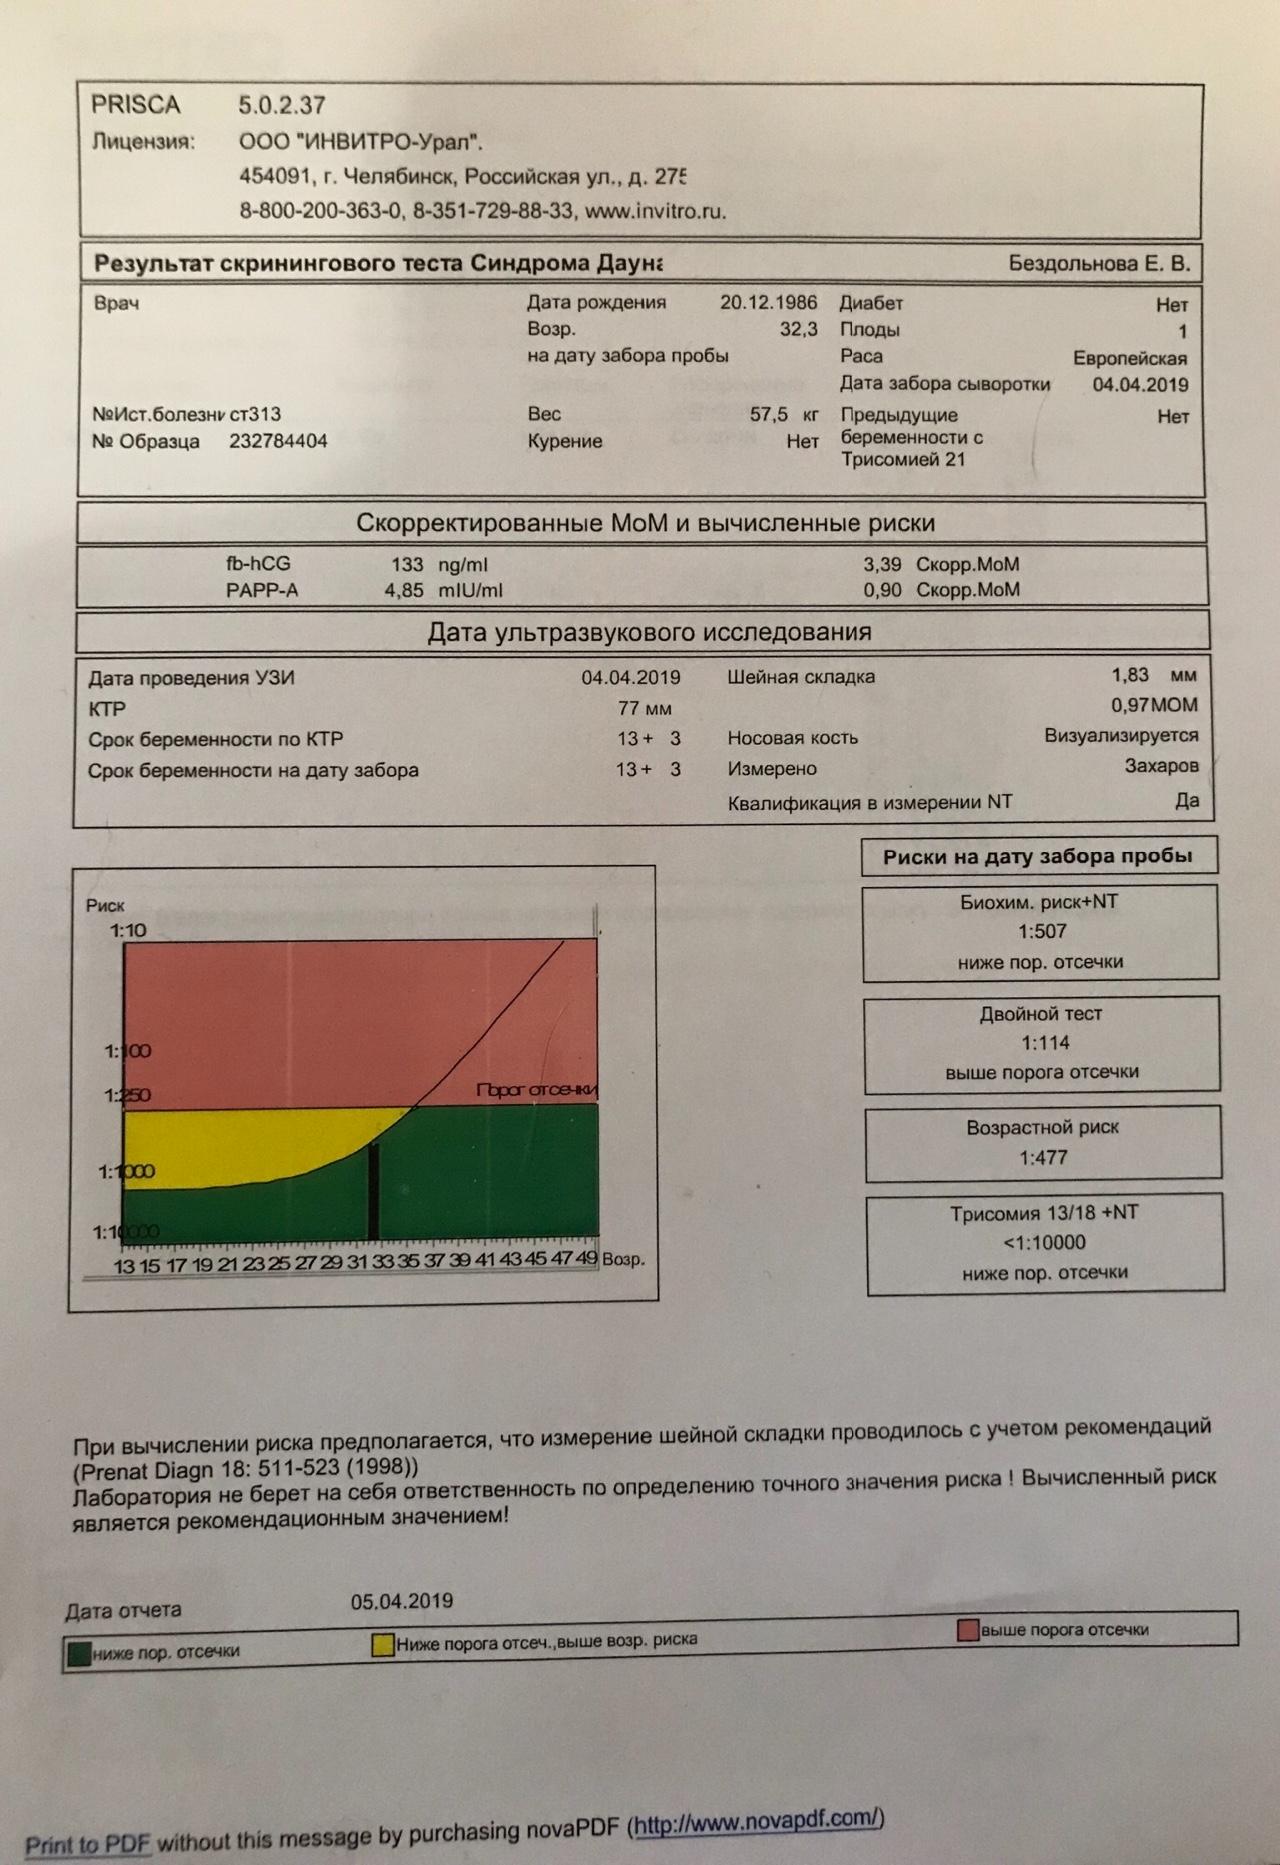 Показывает скрининг крови что анализ крови норме показатели анализ общеклинический в